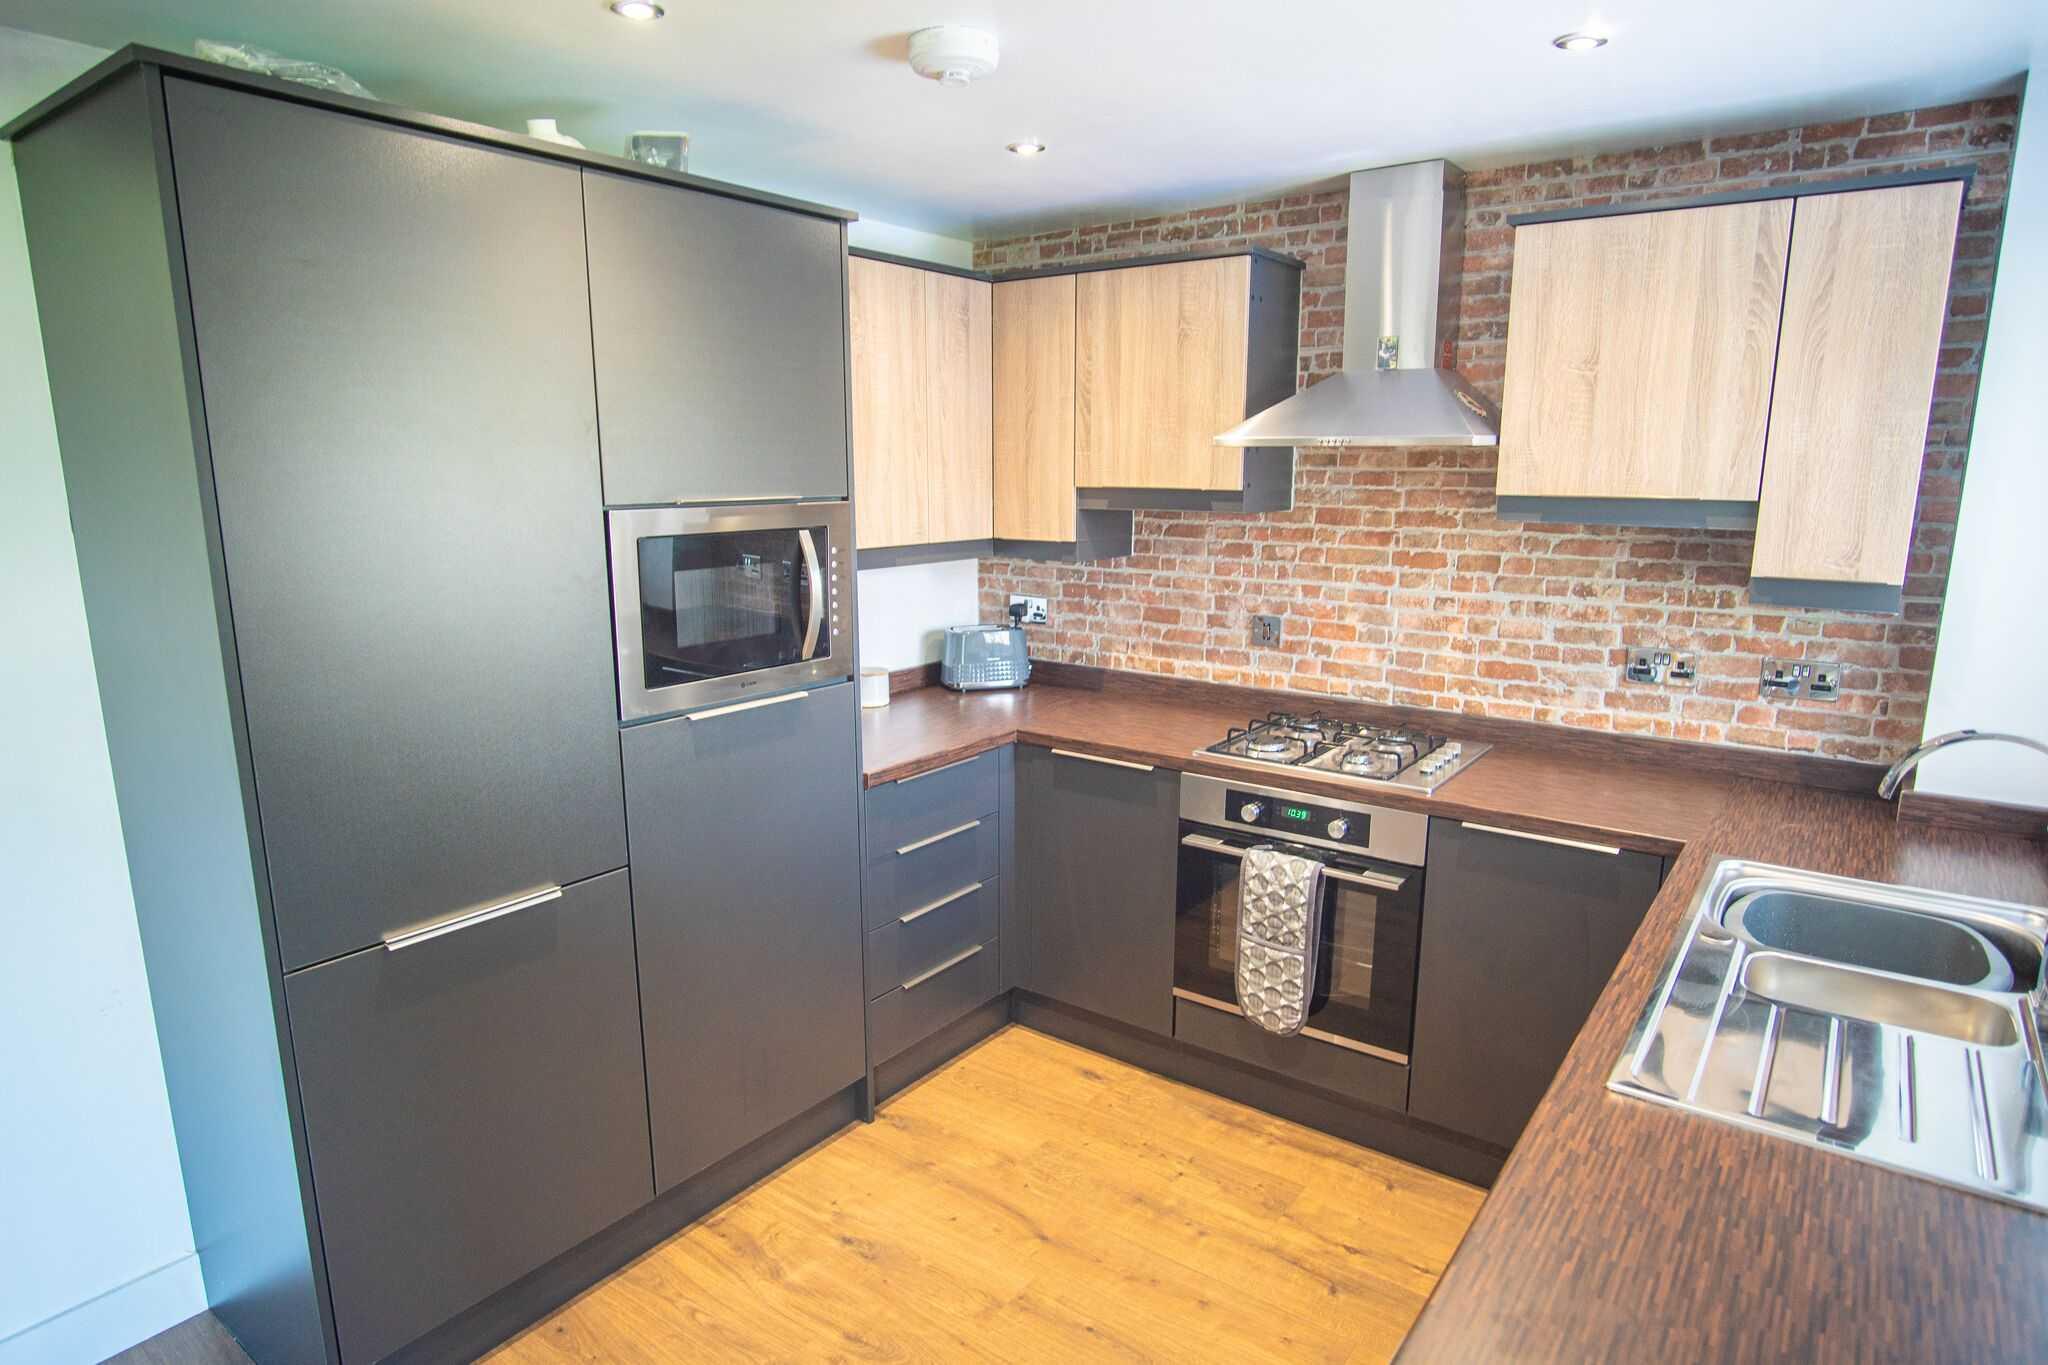 Fitted kitchen in aberdeen